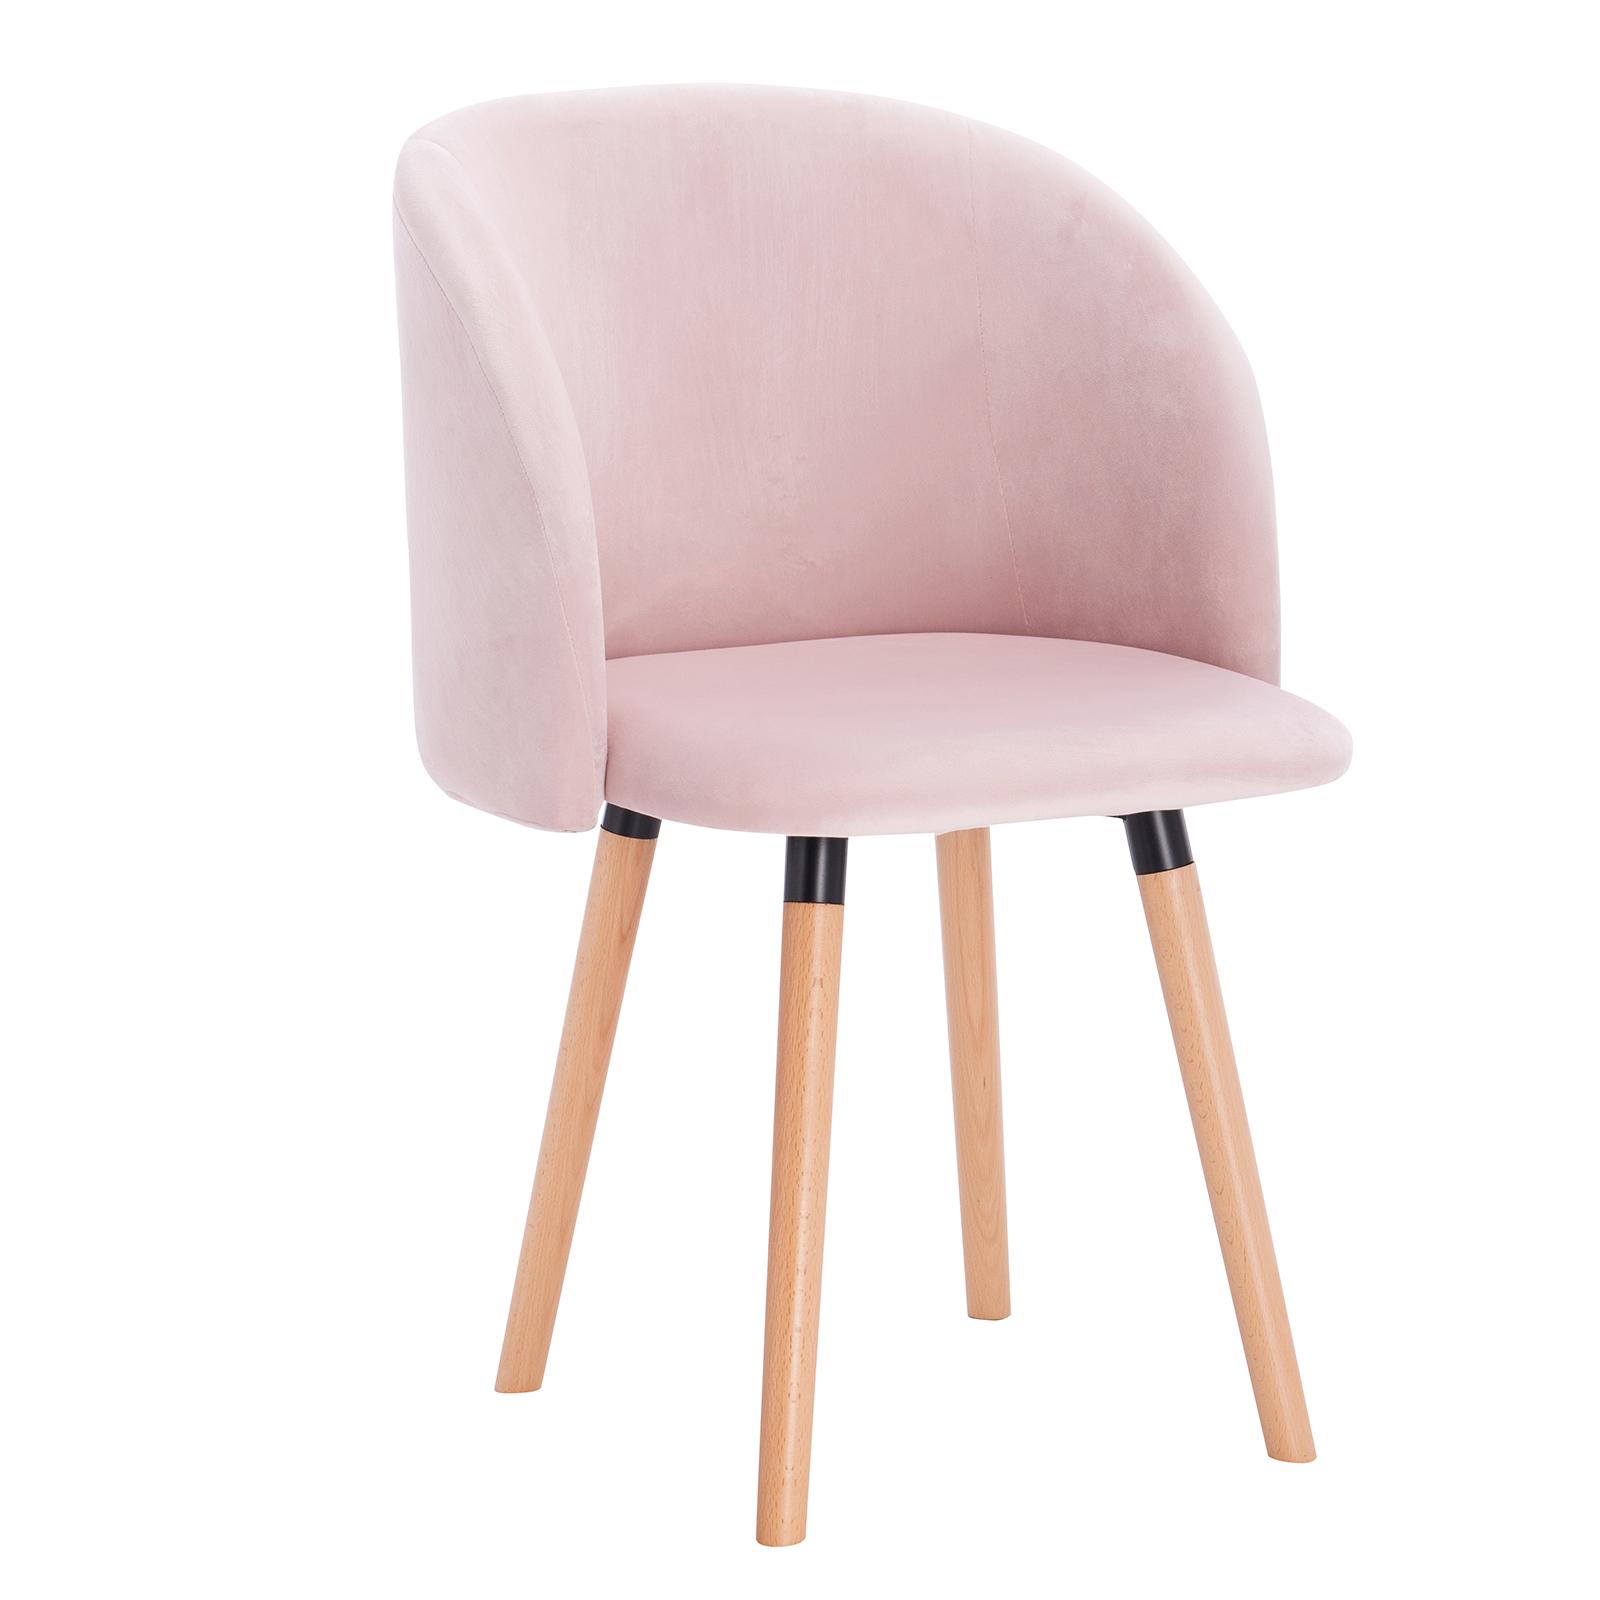 Esszimmerstühle Küchenstuhl Wohnzimmerstuhl Polsterstuhl Design Stuhl BH121rs-1